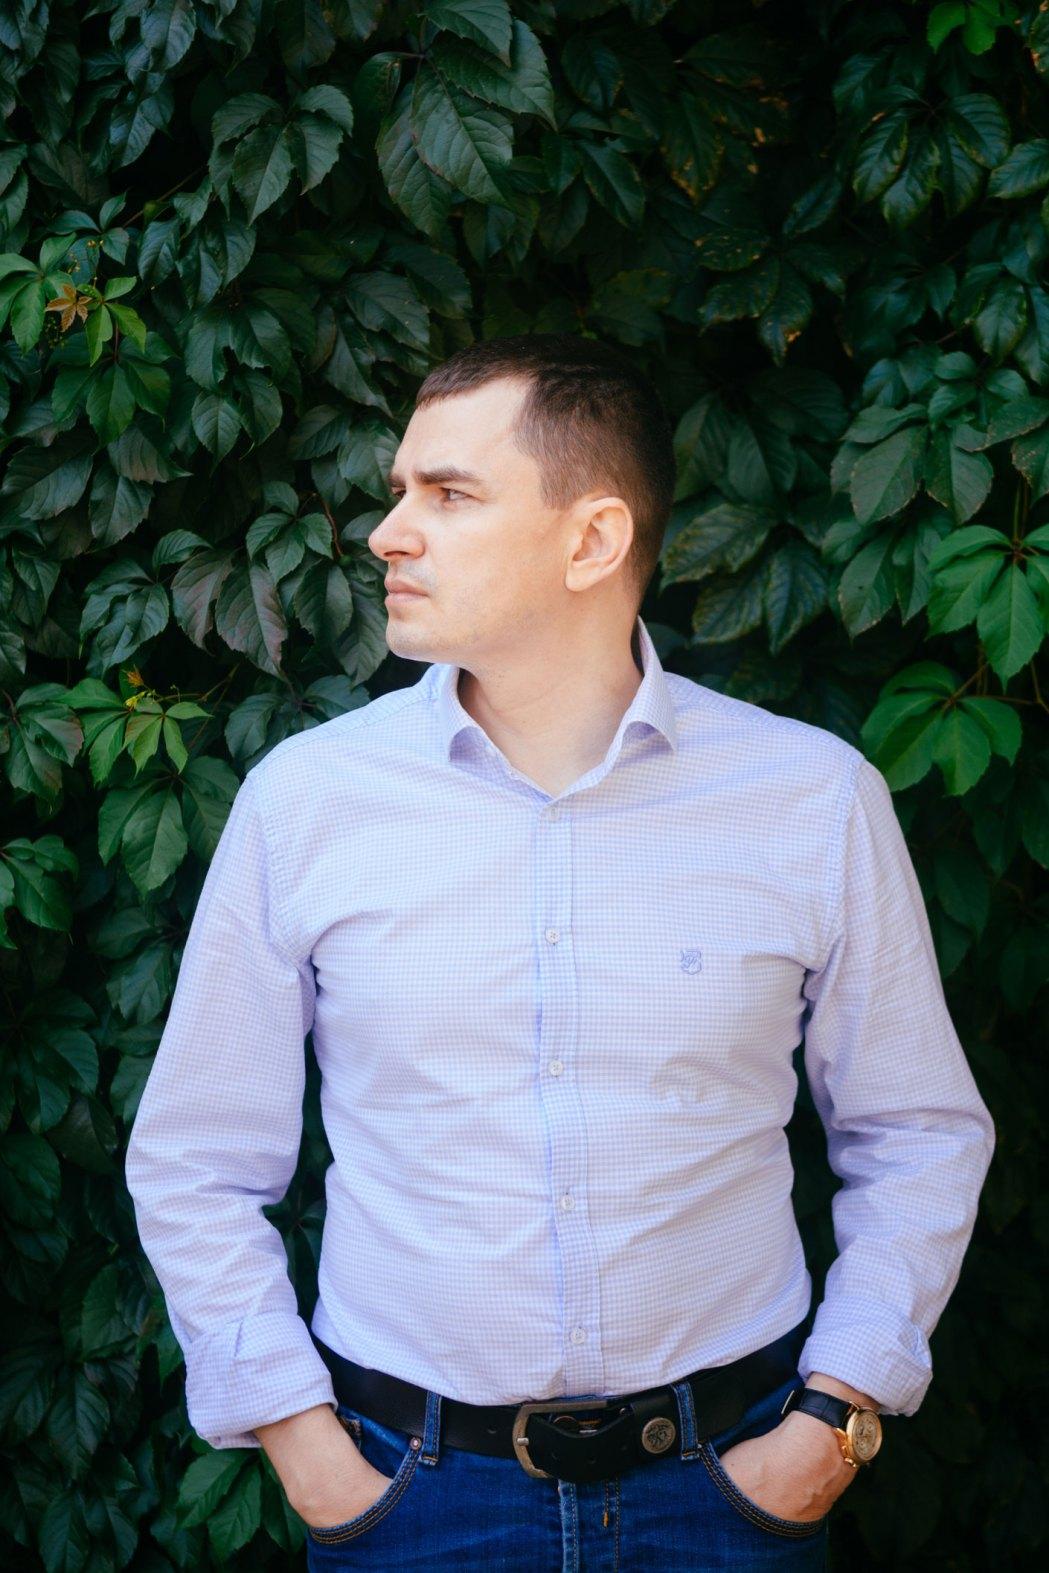 мужской портрет на улице киев